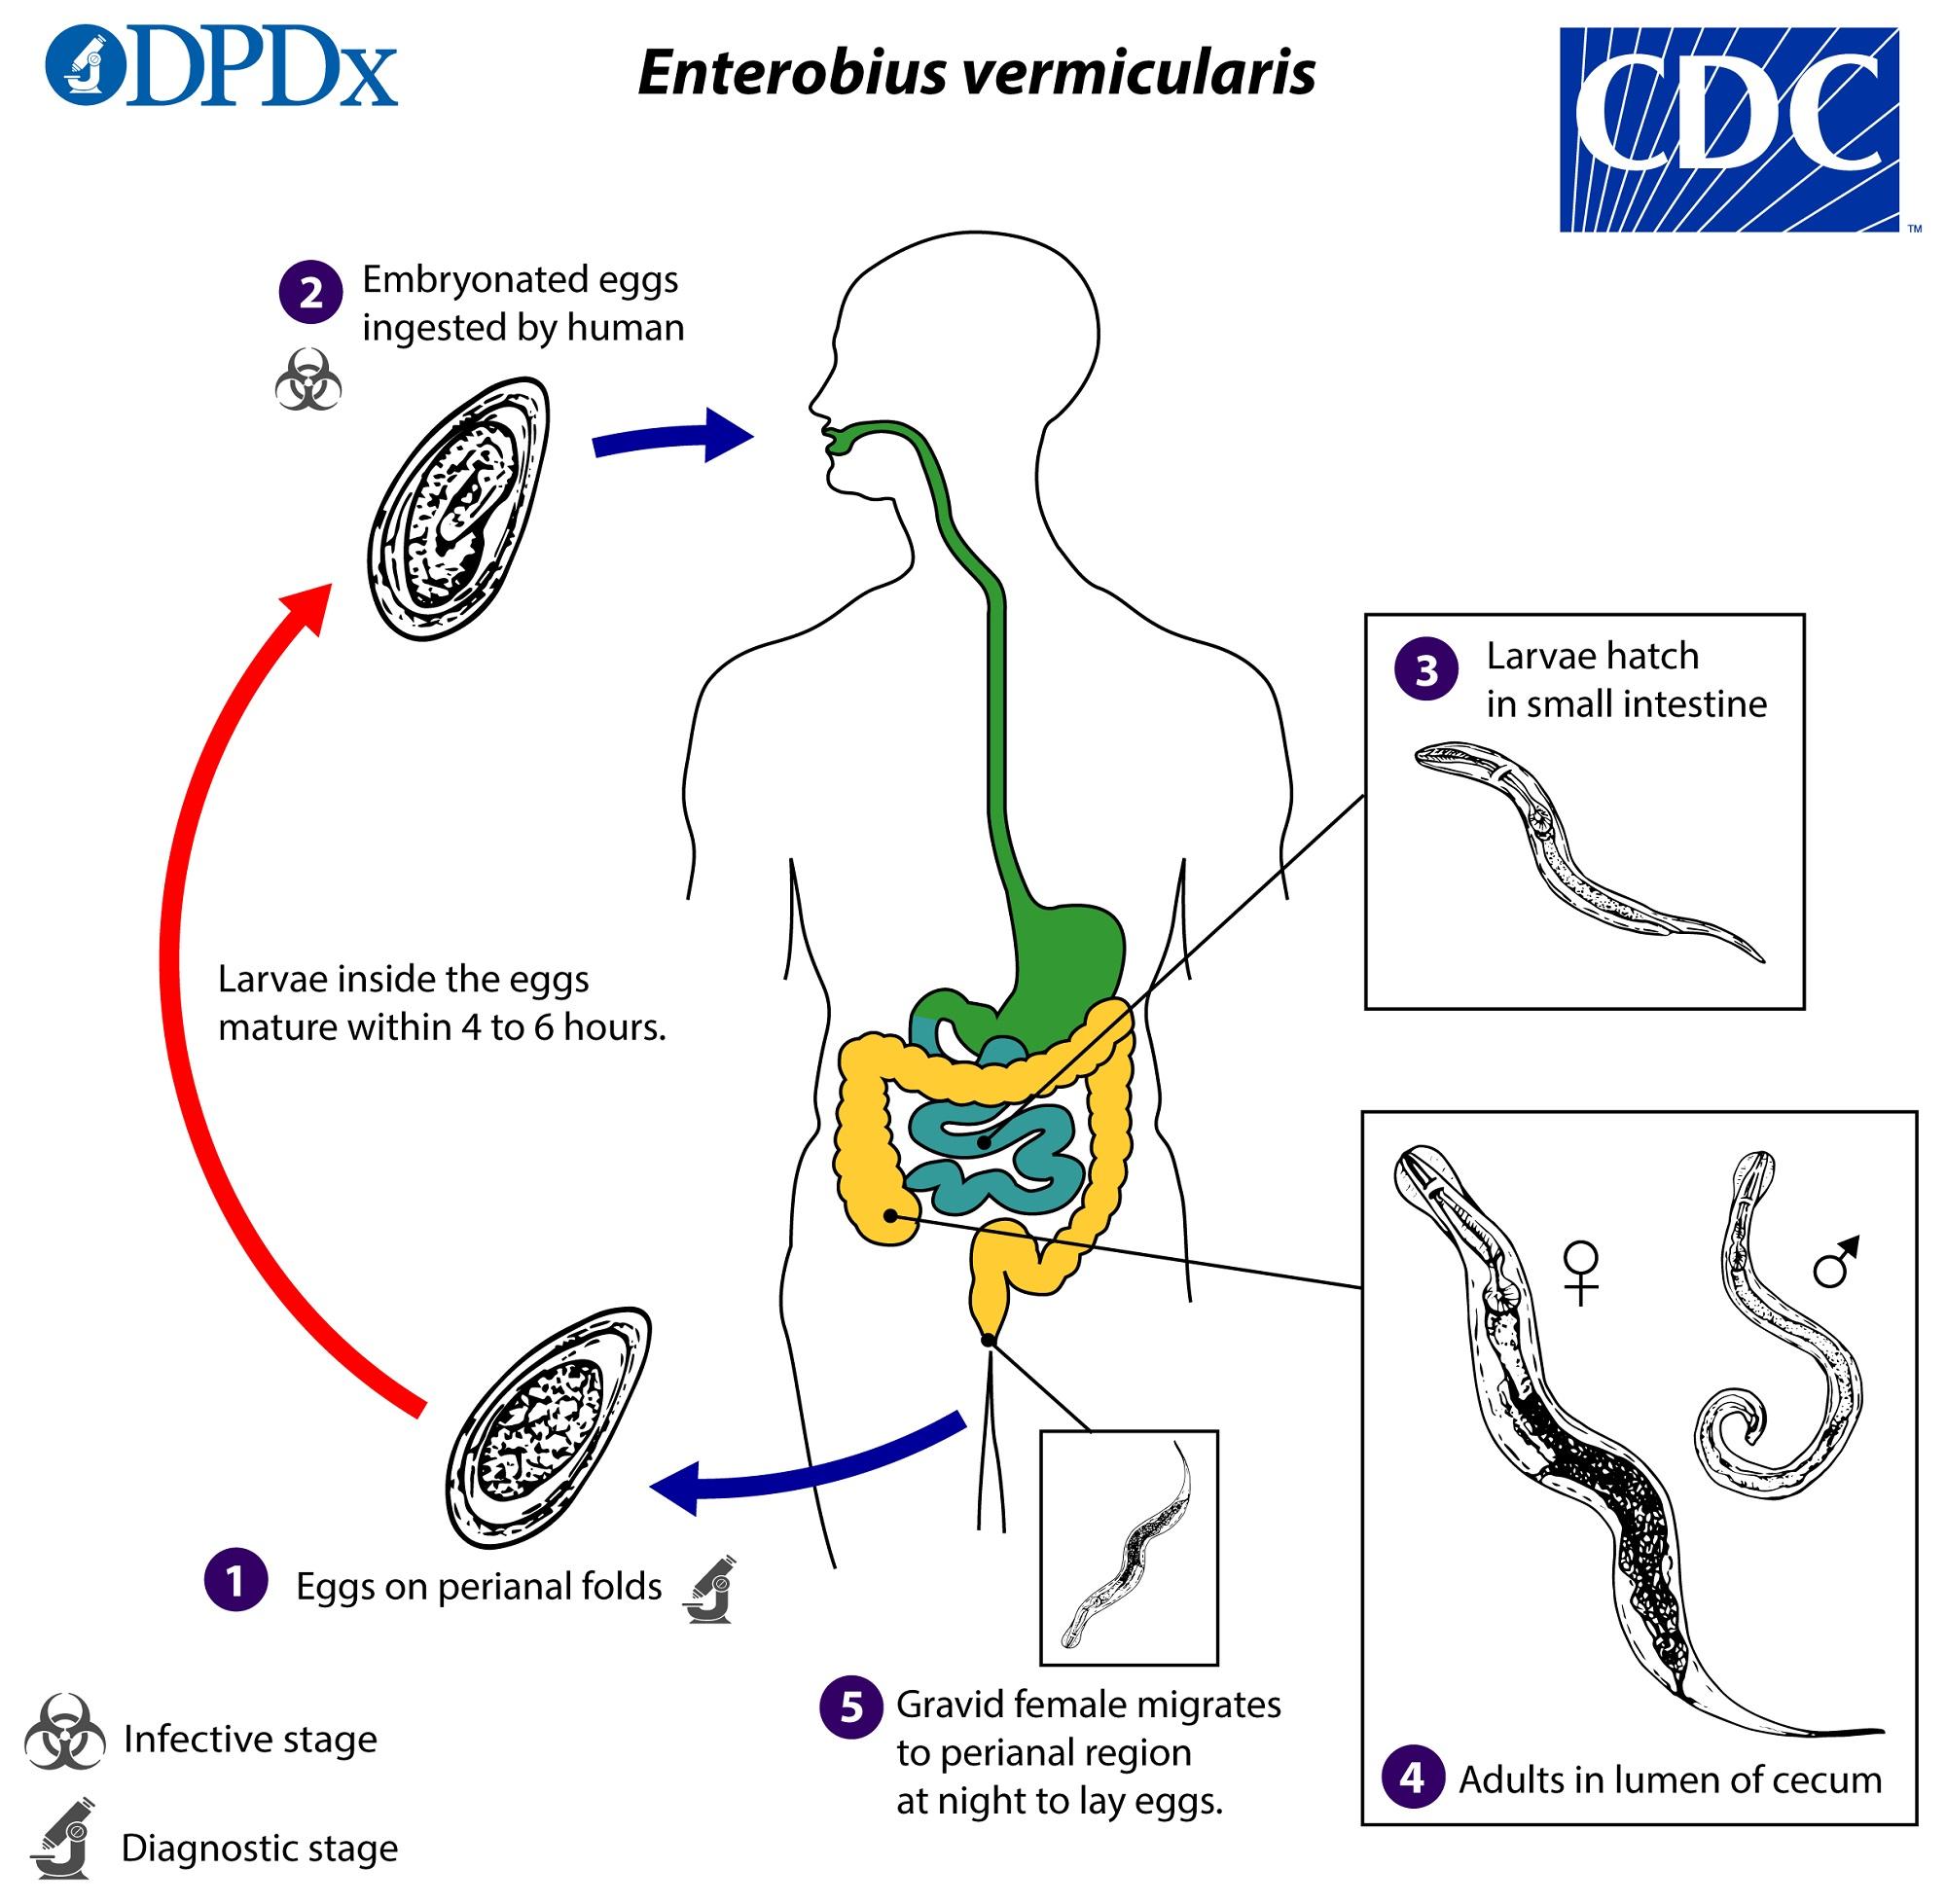 #enterobiusvermicularis